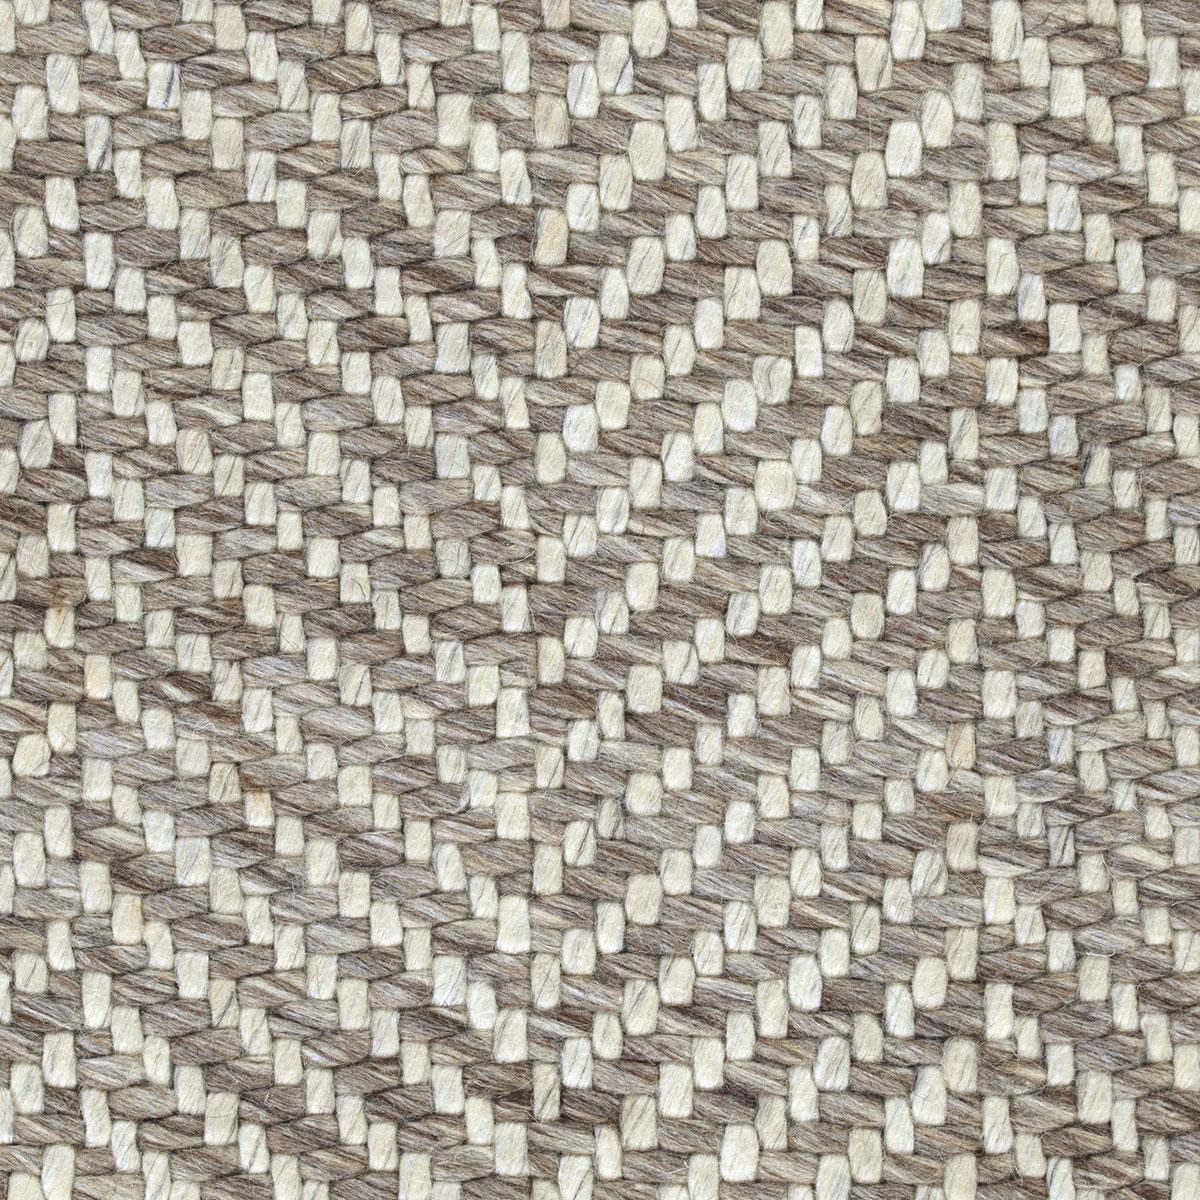 elf-island_wool-viscose_broadloom_patterson-flynn-martin_pfm